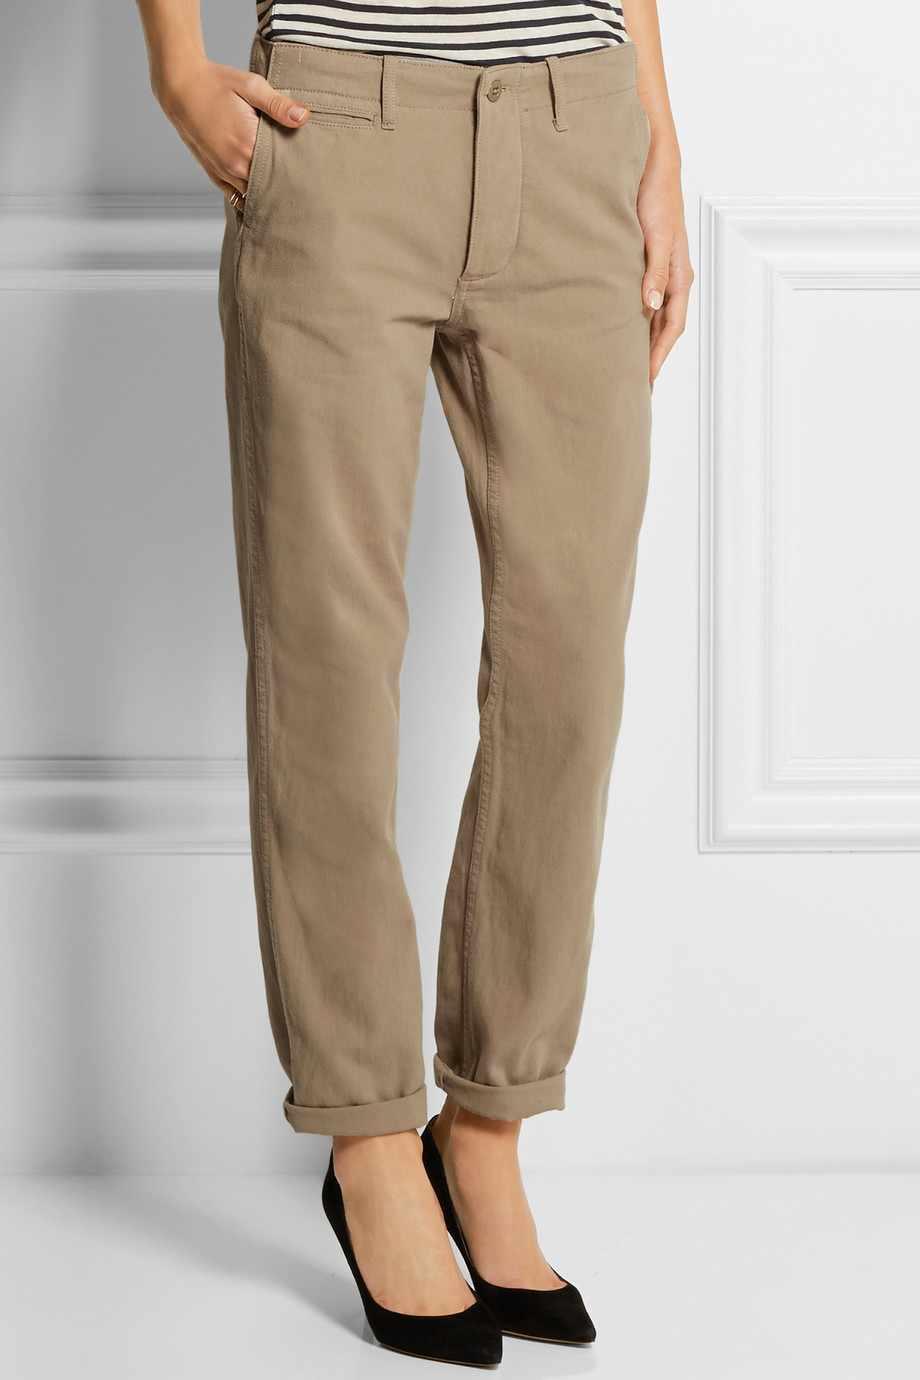 NLST - pantalon (83€ au lieu de 276€)